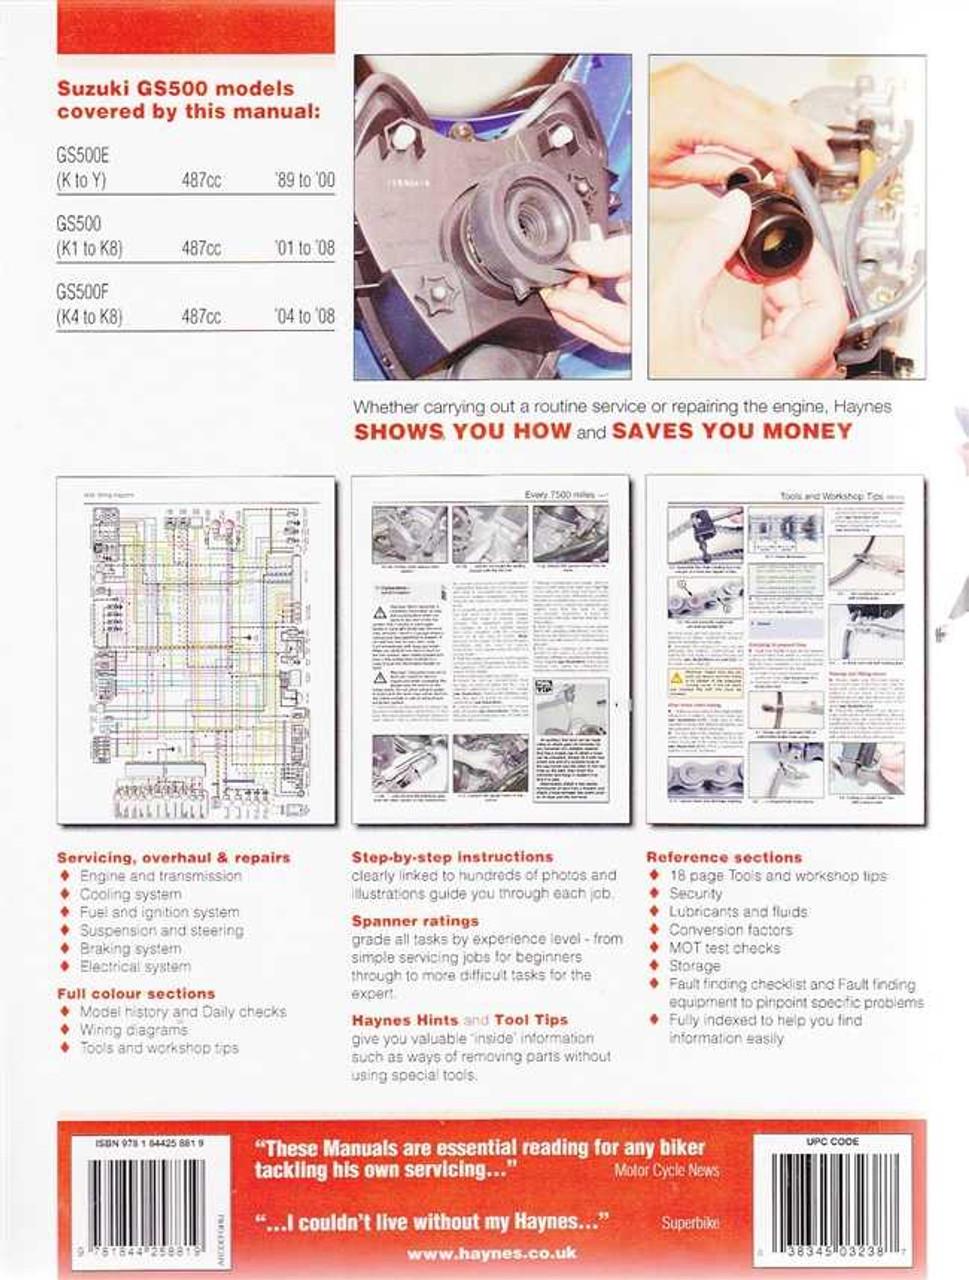 1992 Suzuki Gs500 Wiring Diagram - List of Wiring Diagrams on